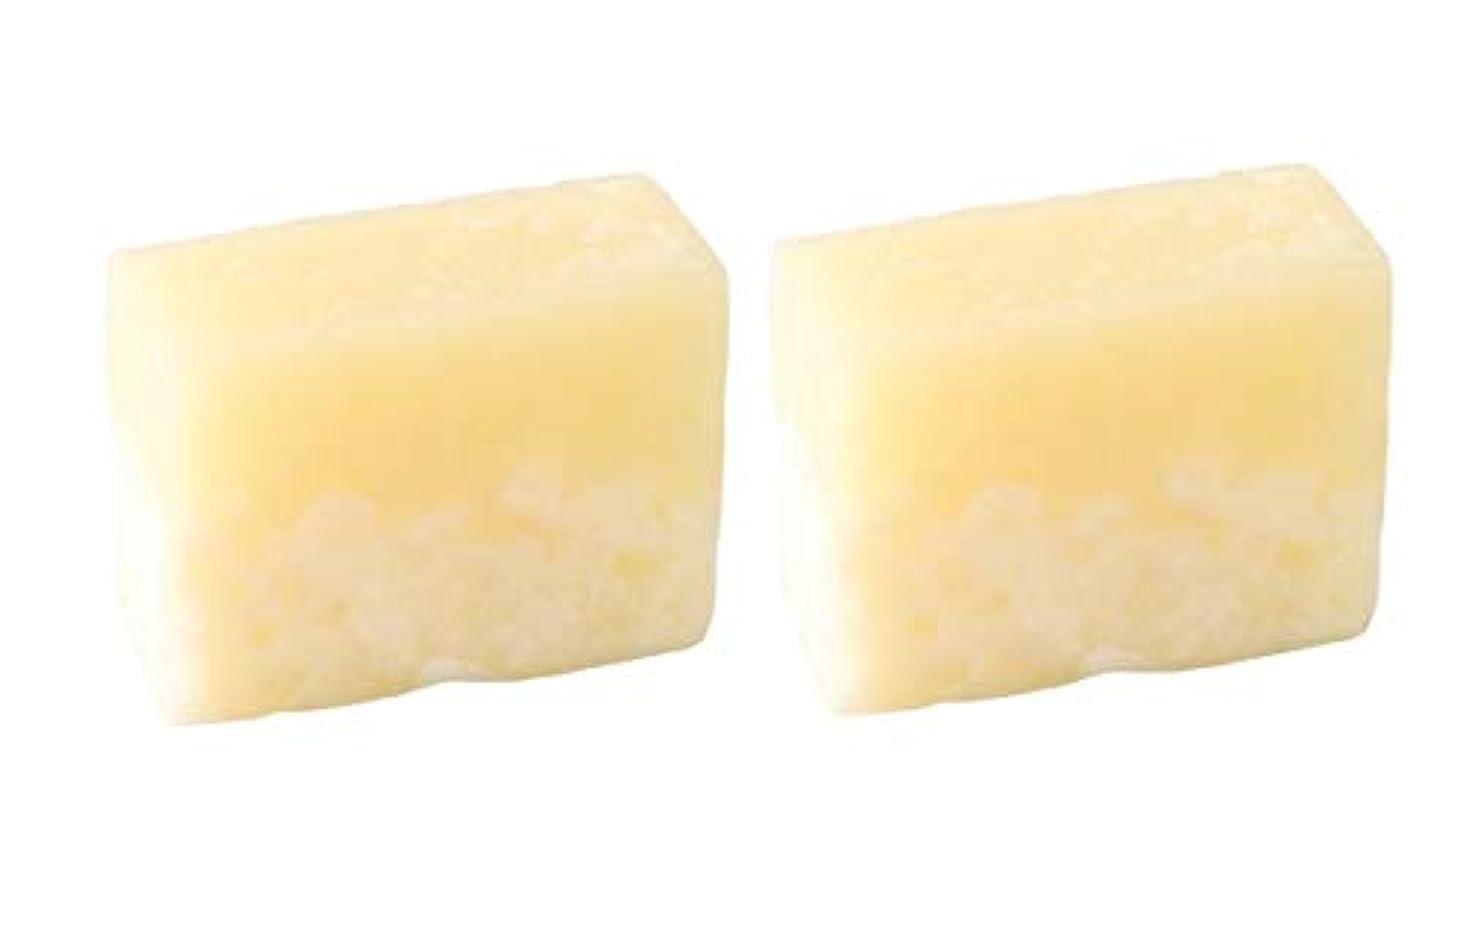 作る鼓舞する日LUSH ラッシュ ボヘミアン(100g)×2個セット レモンの爽やかな香りソープ